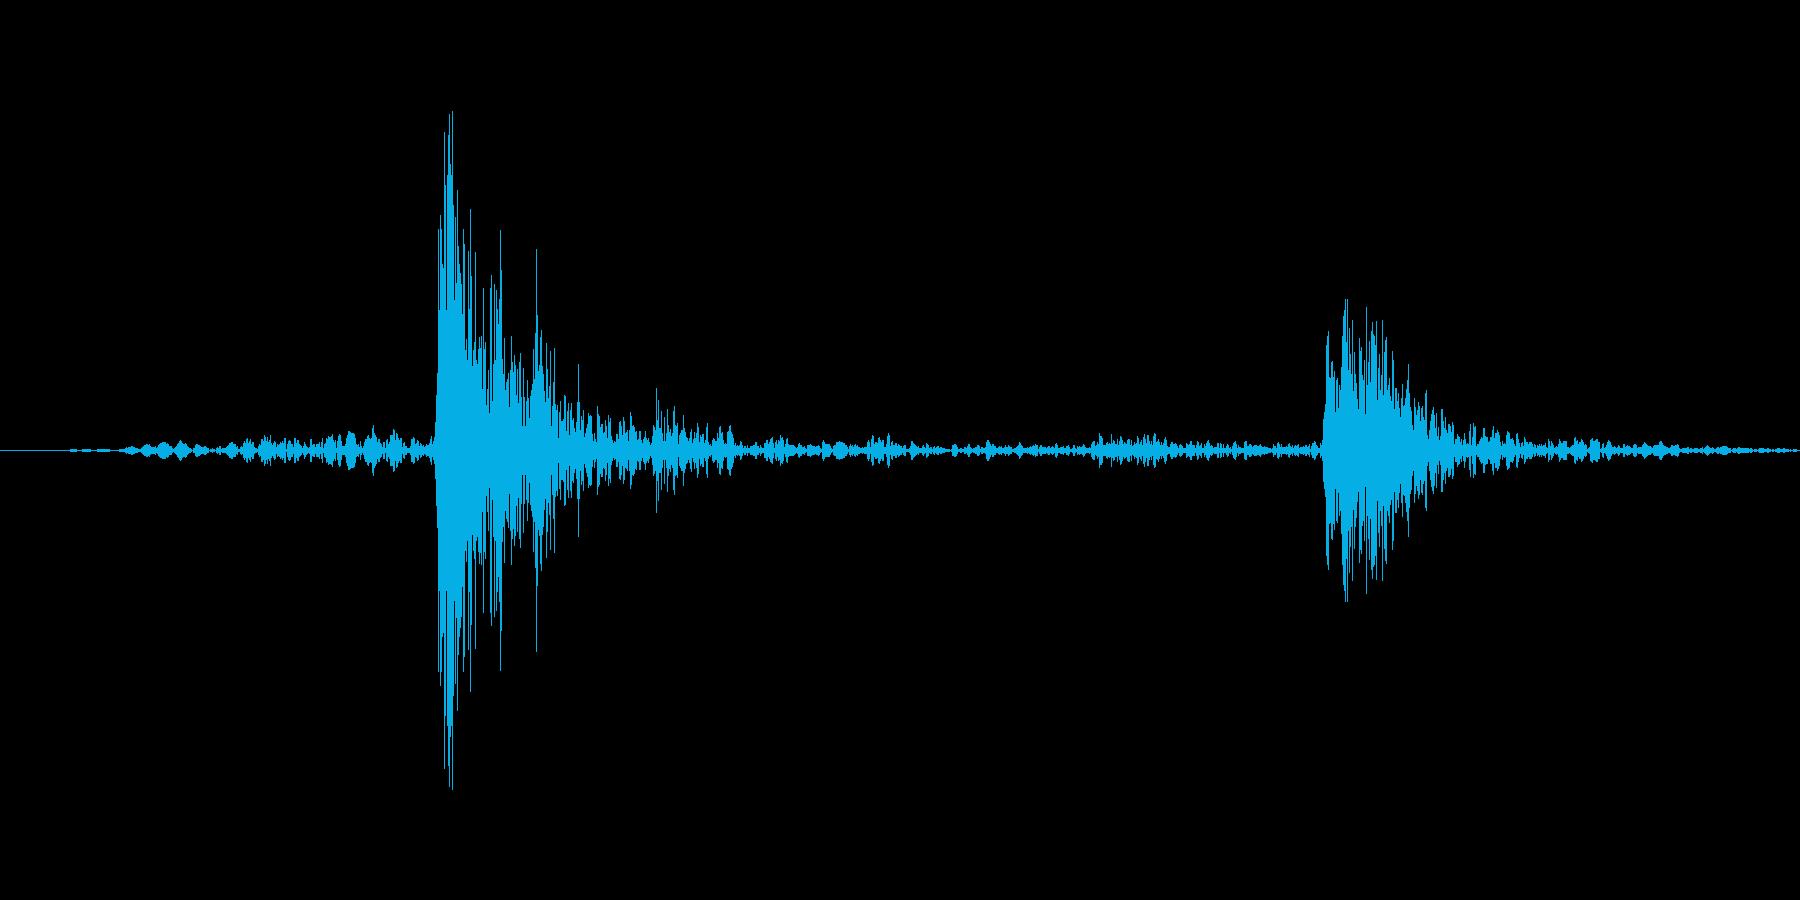 カチャ(ライトを紐スイッチでつけた音)の再生済みの波形